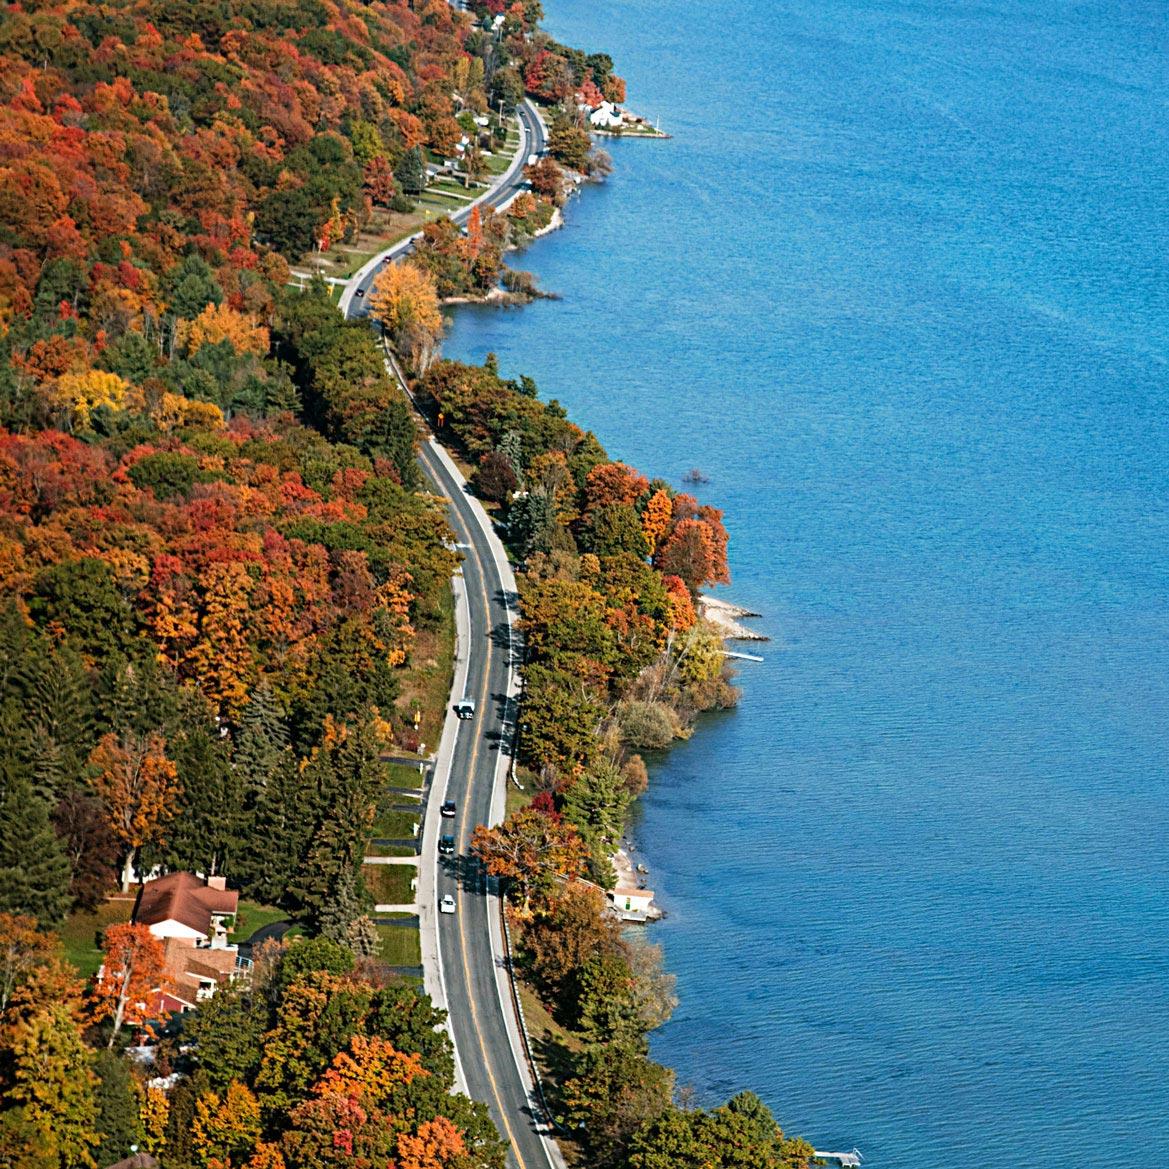 Michigan: M-22 color tour